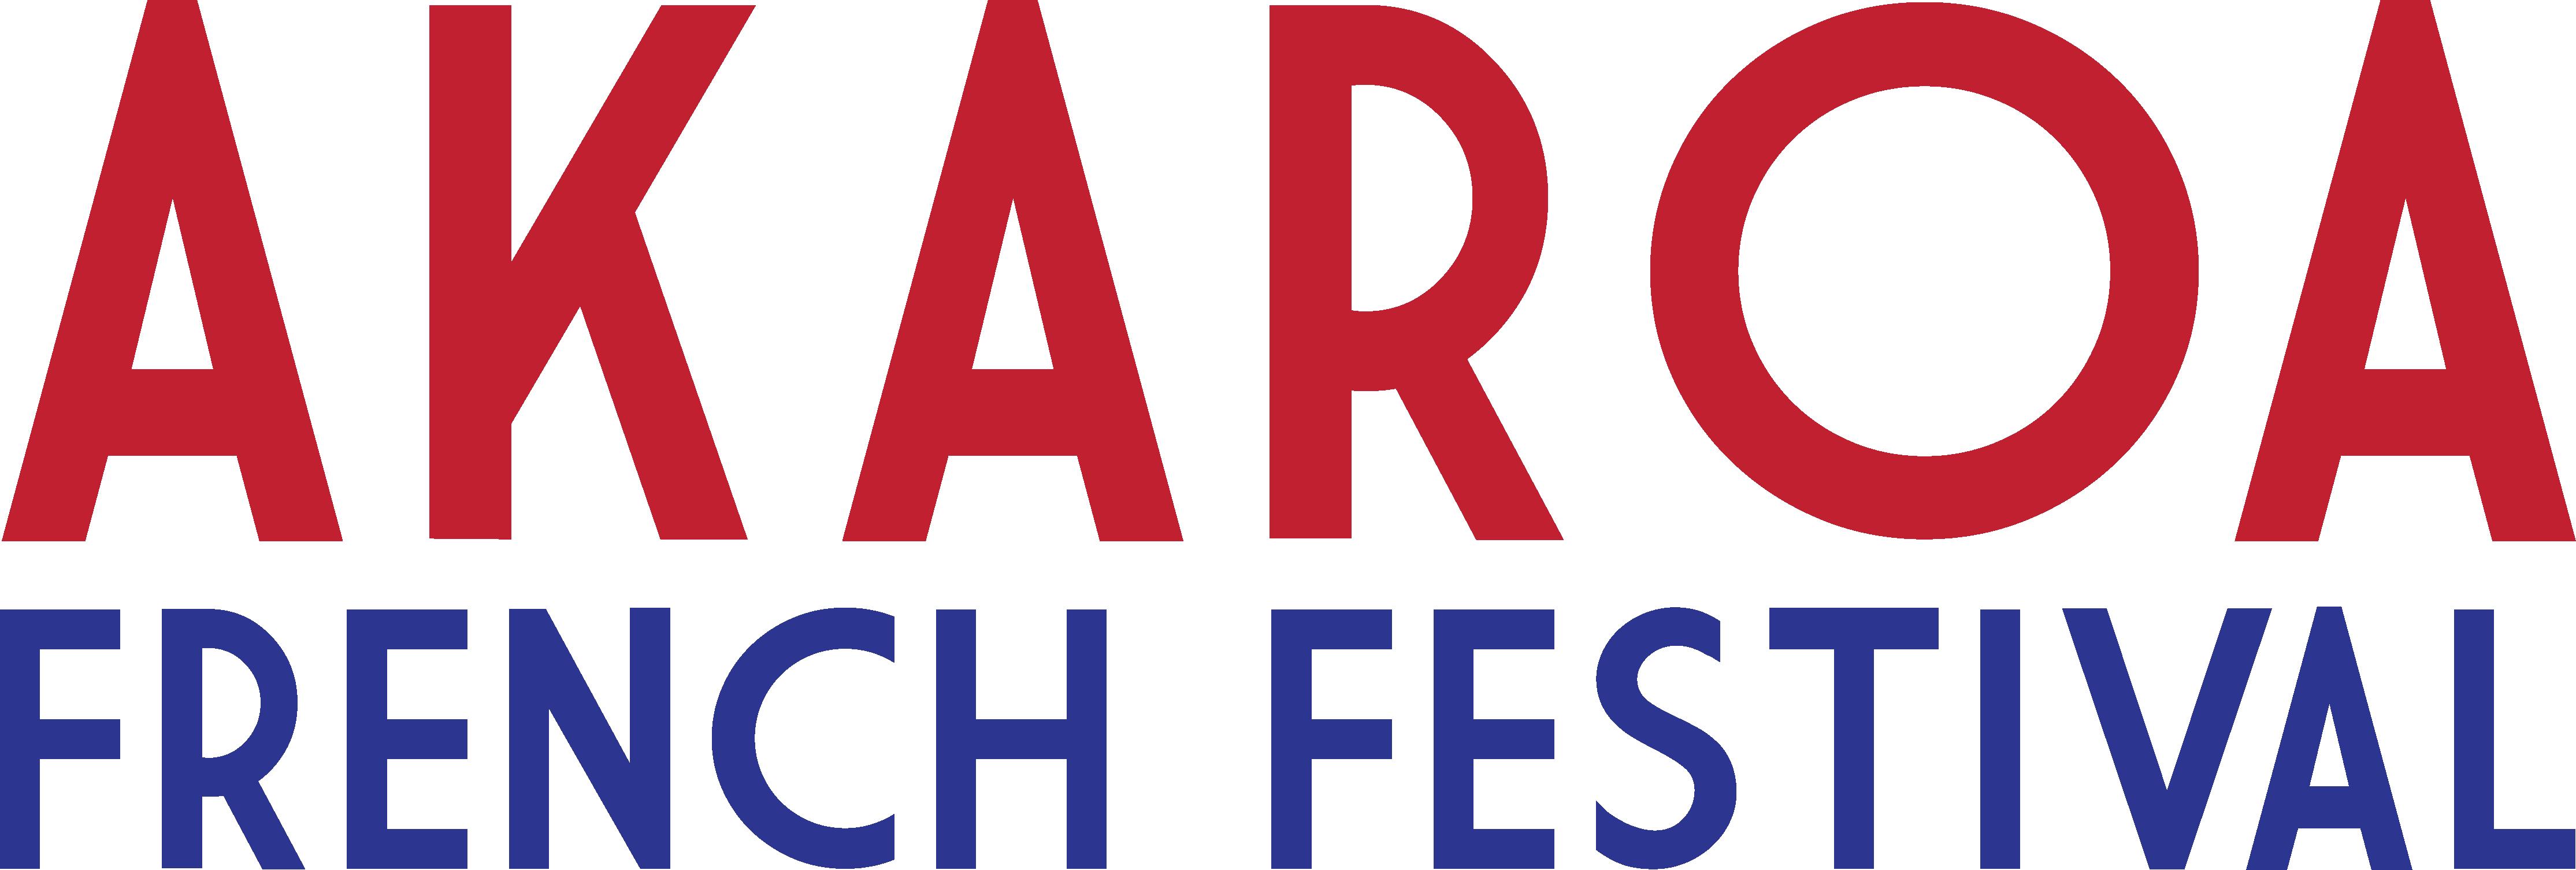 Akaroa French Festival